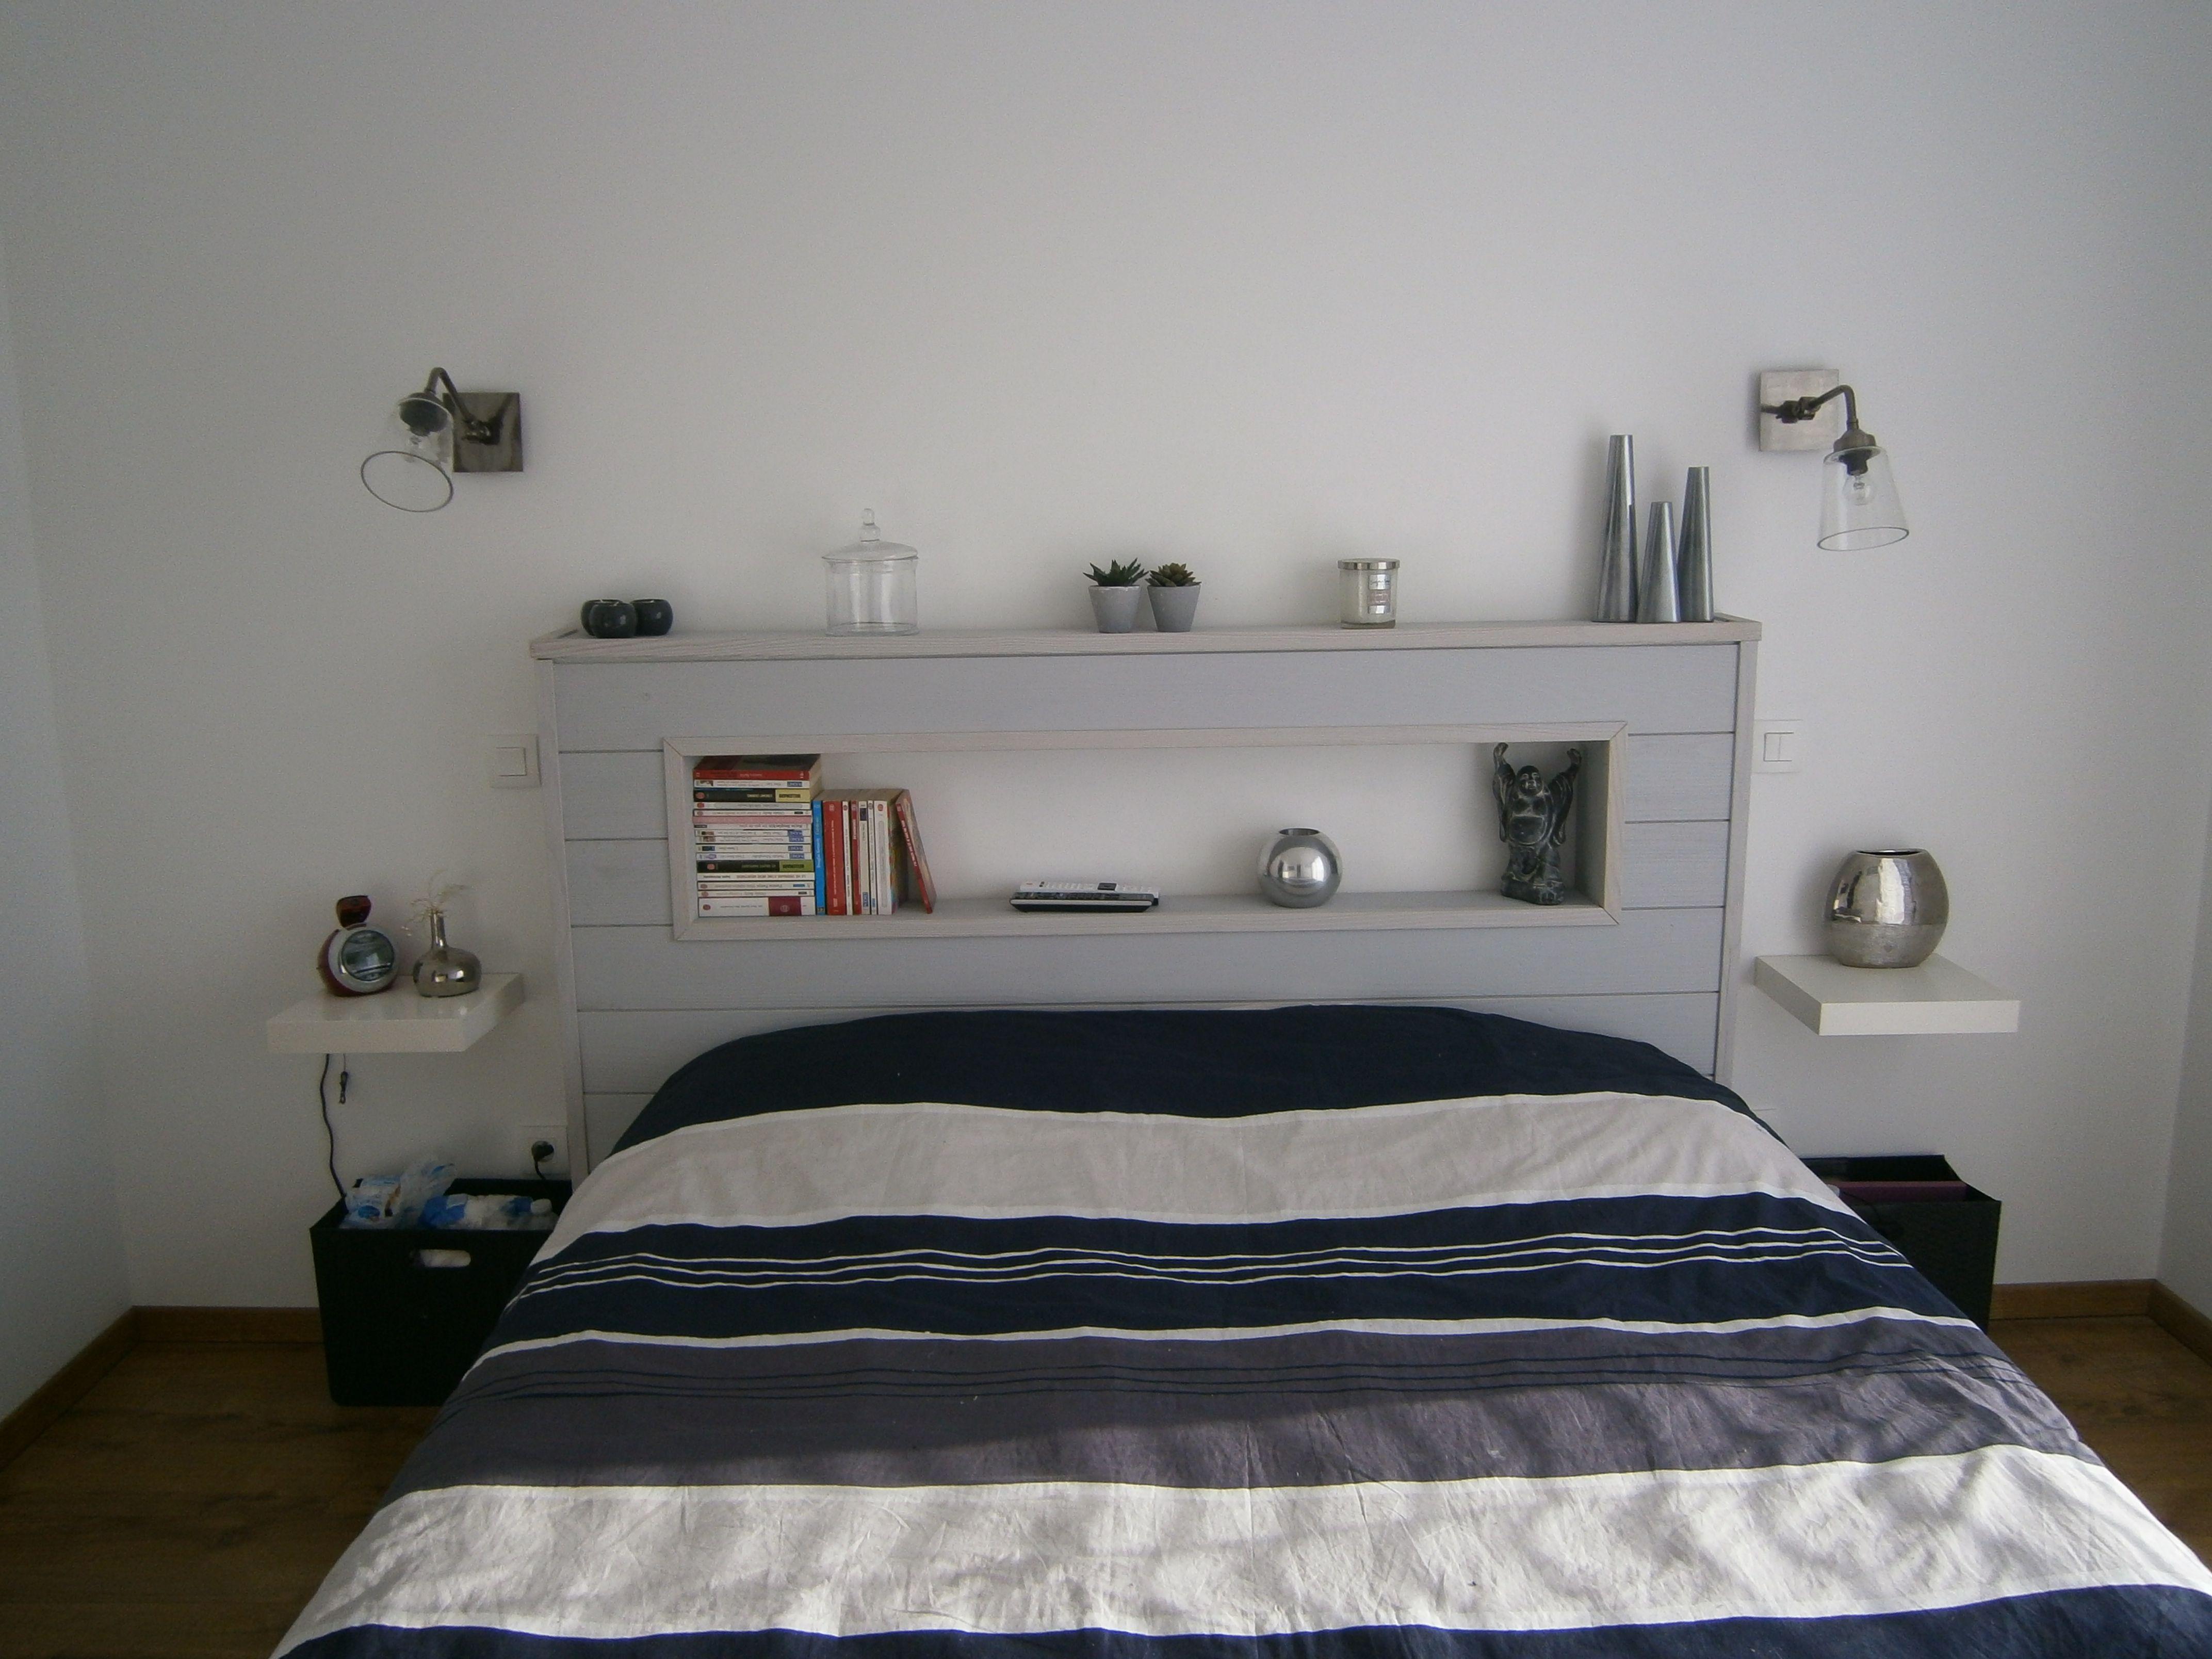 Comment Fabriquer Sa Tete De Lit diy : comment faire une tête de lit en lambris peint par